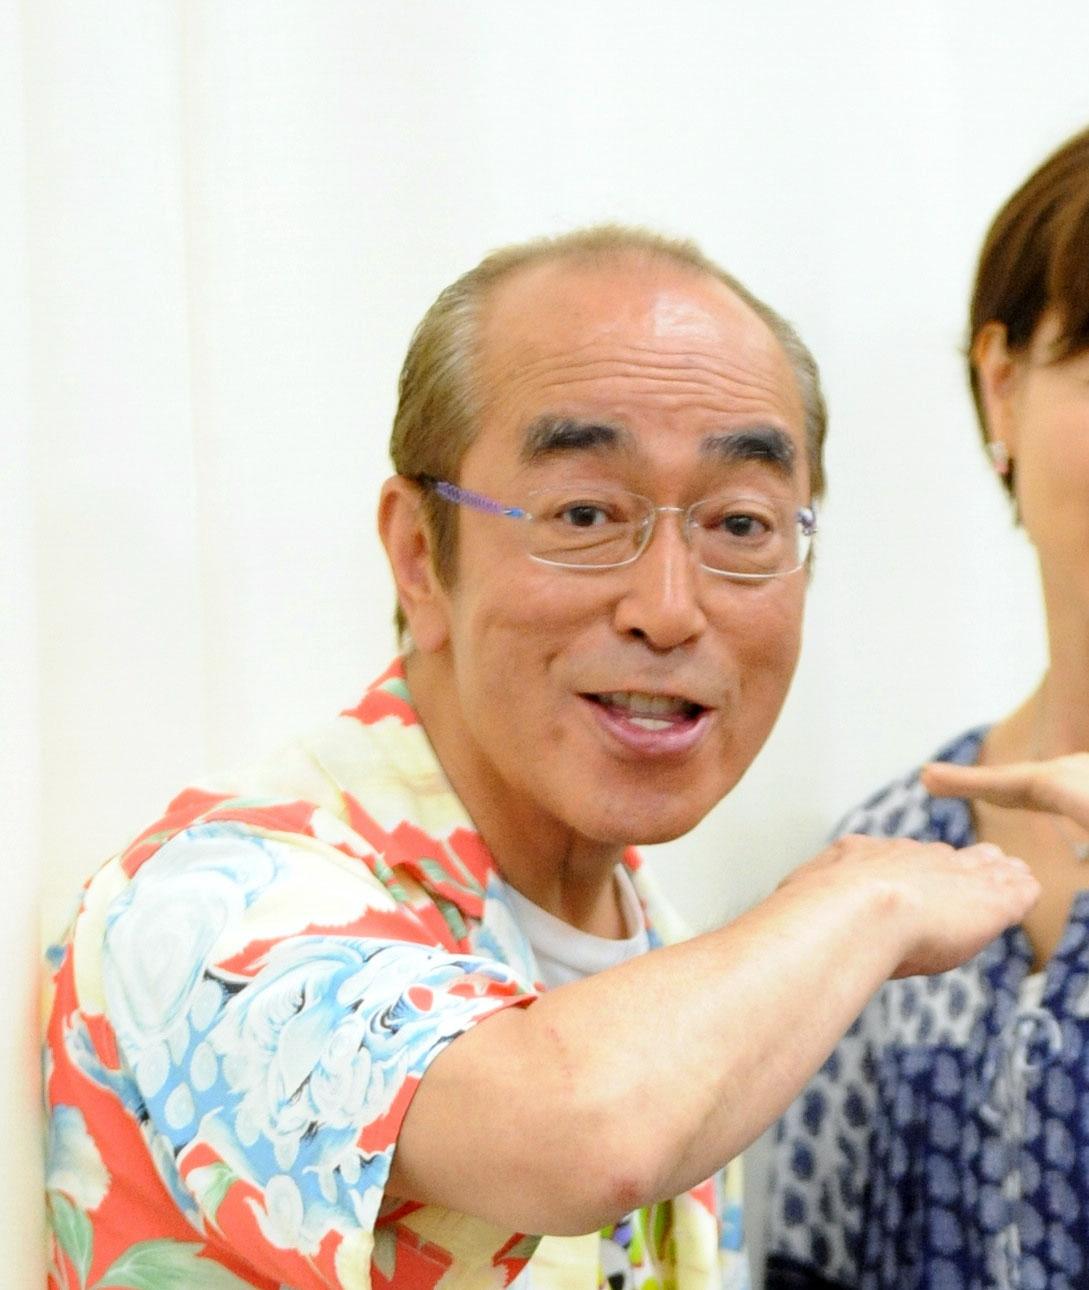 志村けんさん(2013年5月30日撮影)